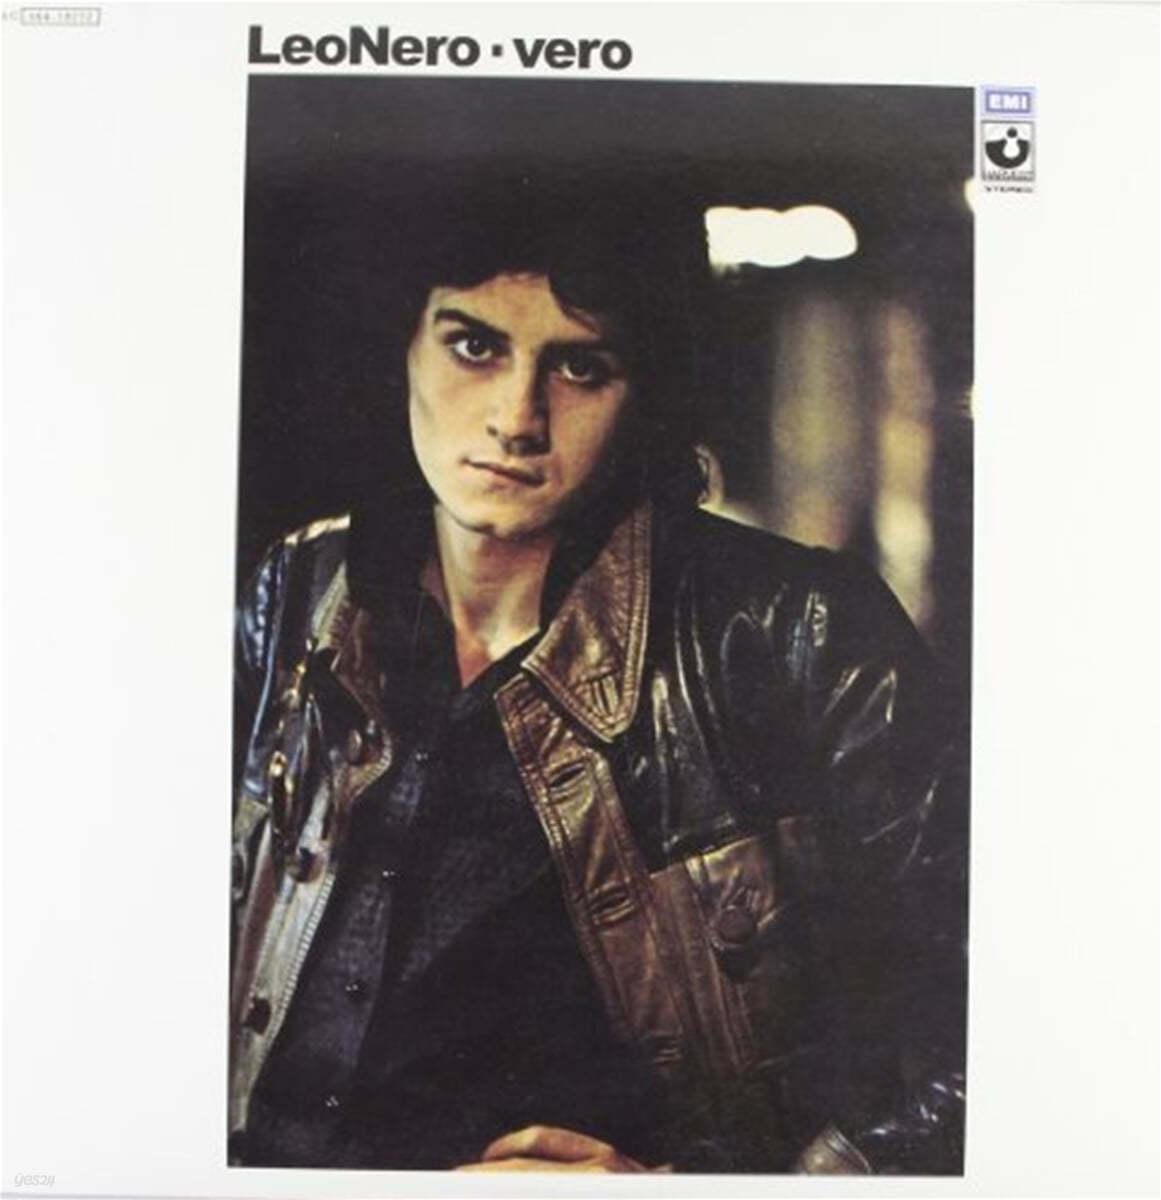 Leo Nero (레오 네로) - Vero [LP]